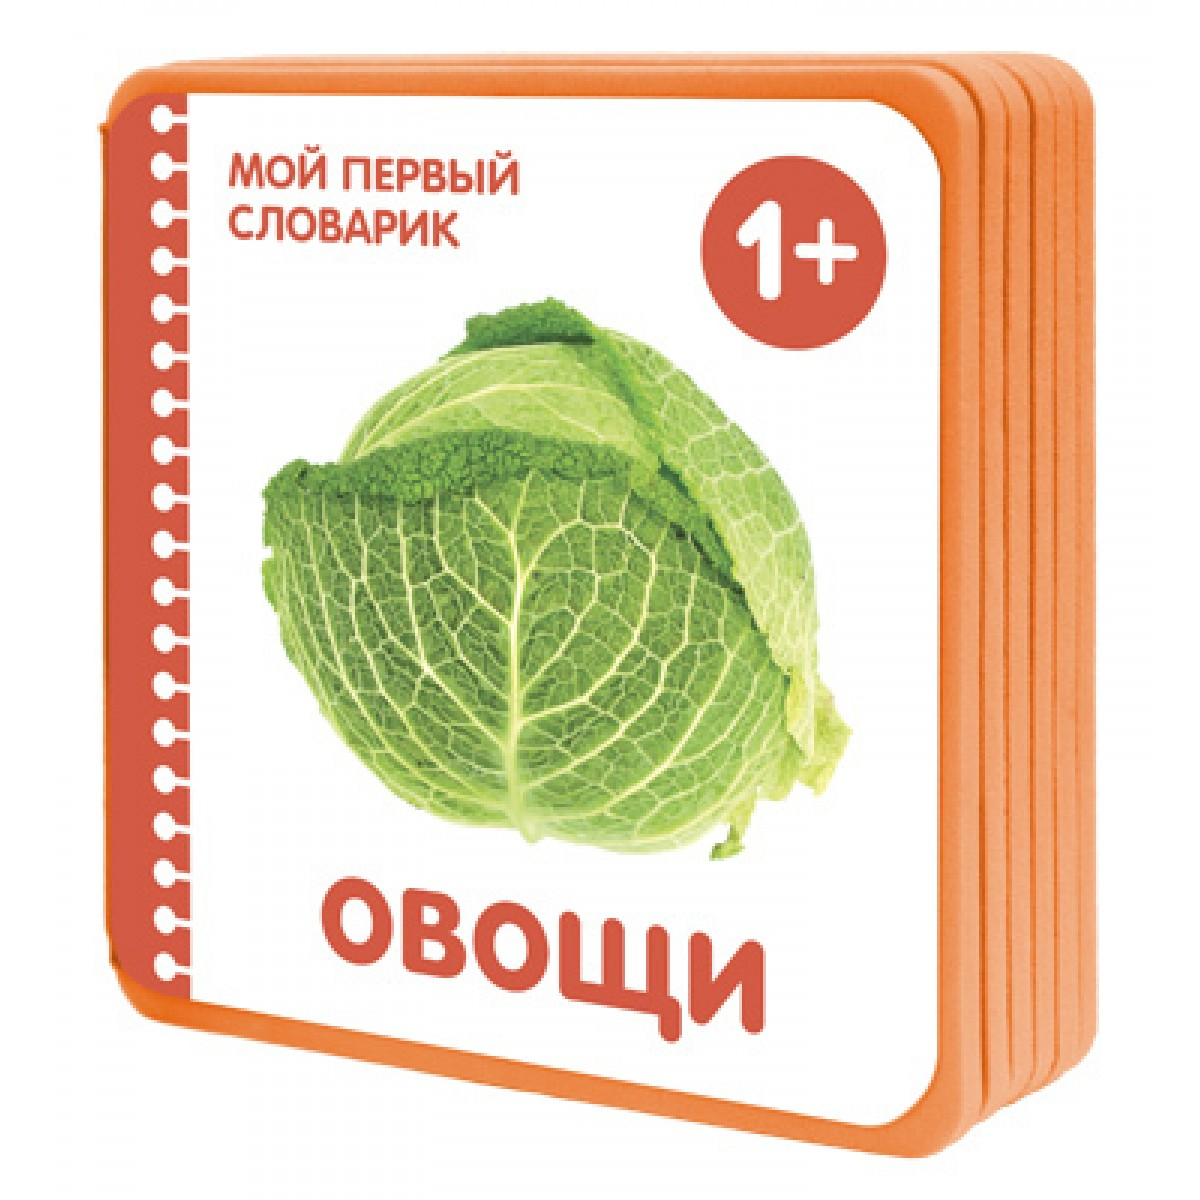 Купить Книжки-плюшки - Мой первый словарик. Овощи, для детей от 1 года, Мозаика-Синтез